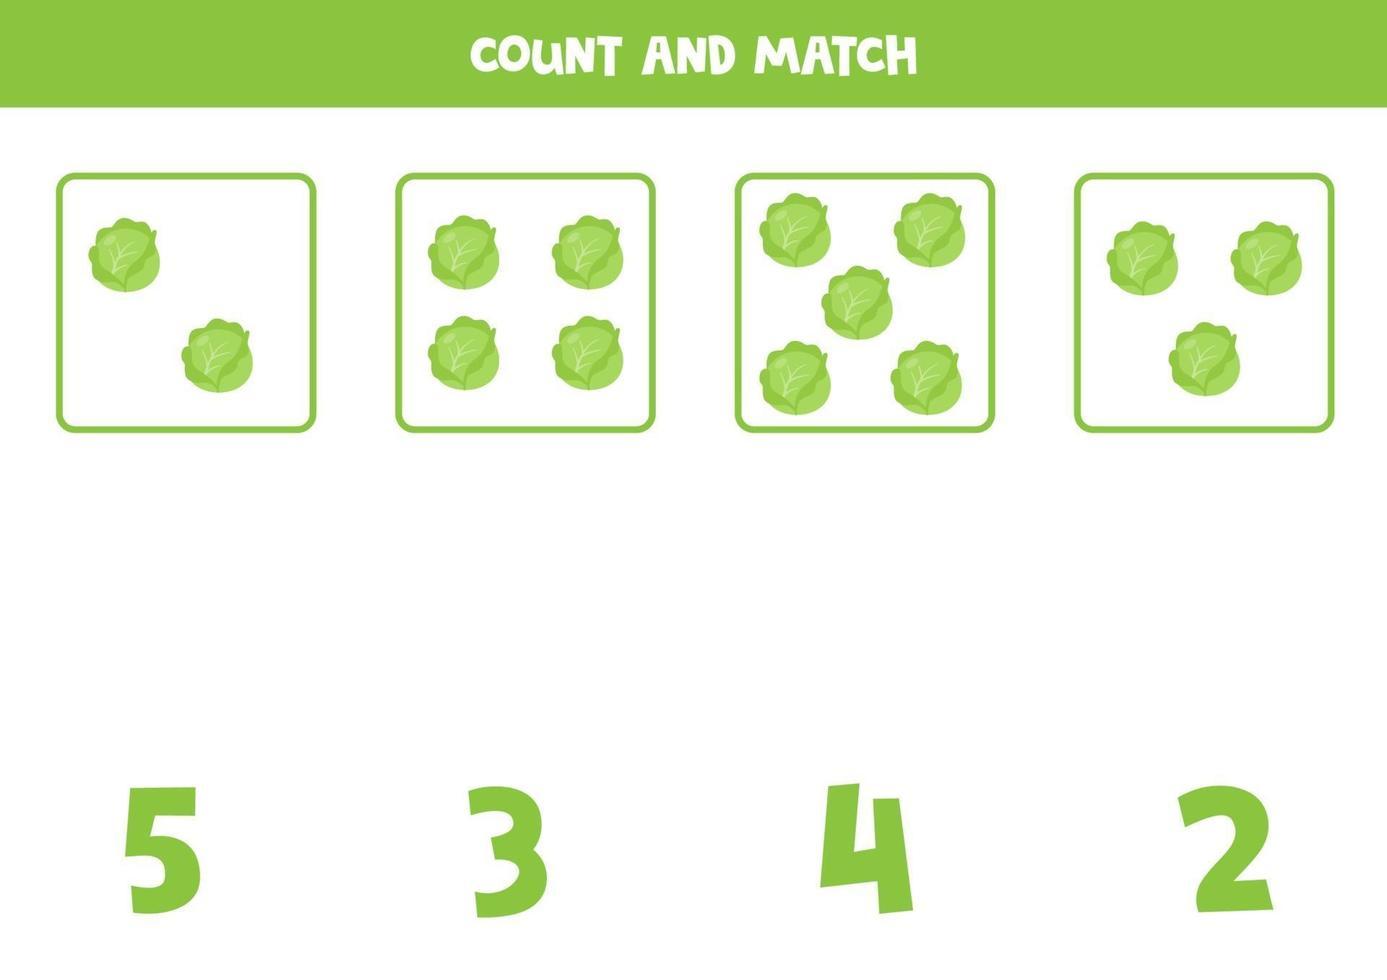 räkna spel för barn. matematikspel med tecknade kålar. vektor